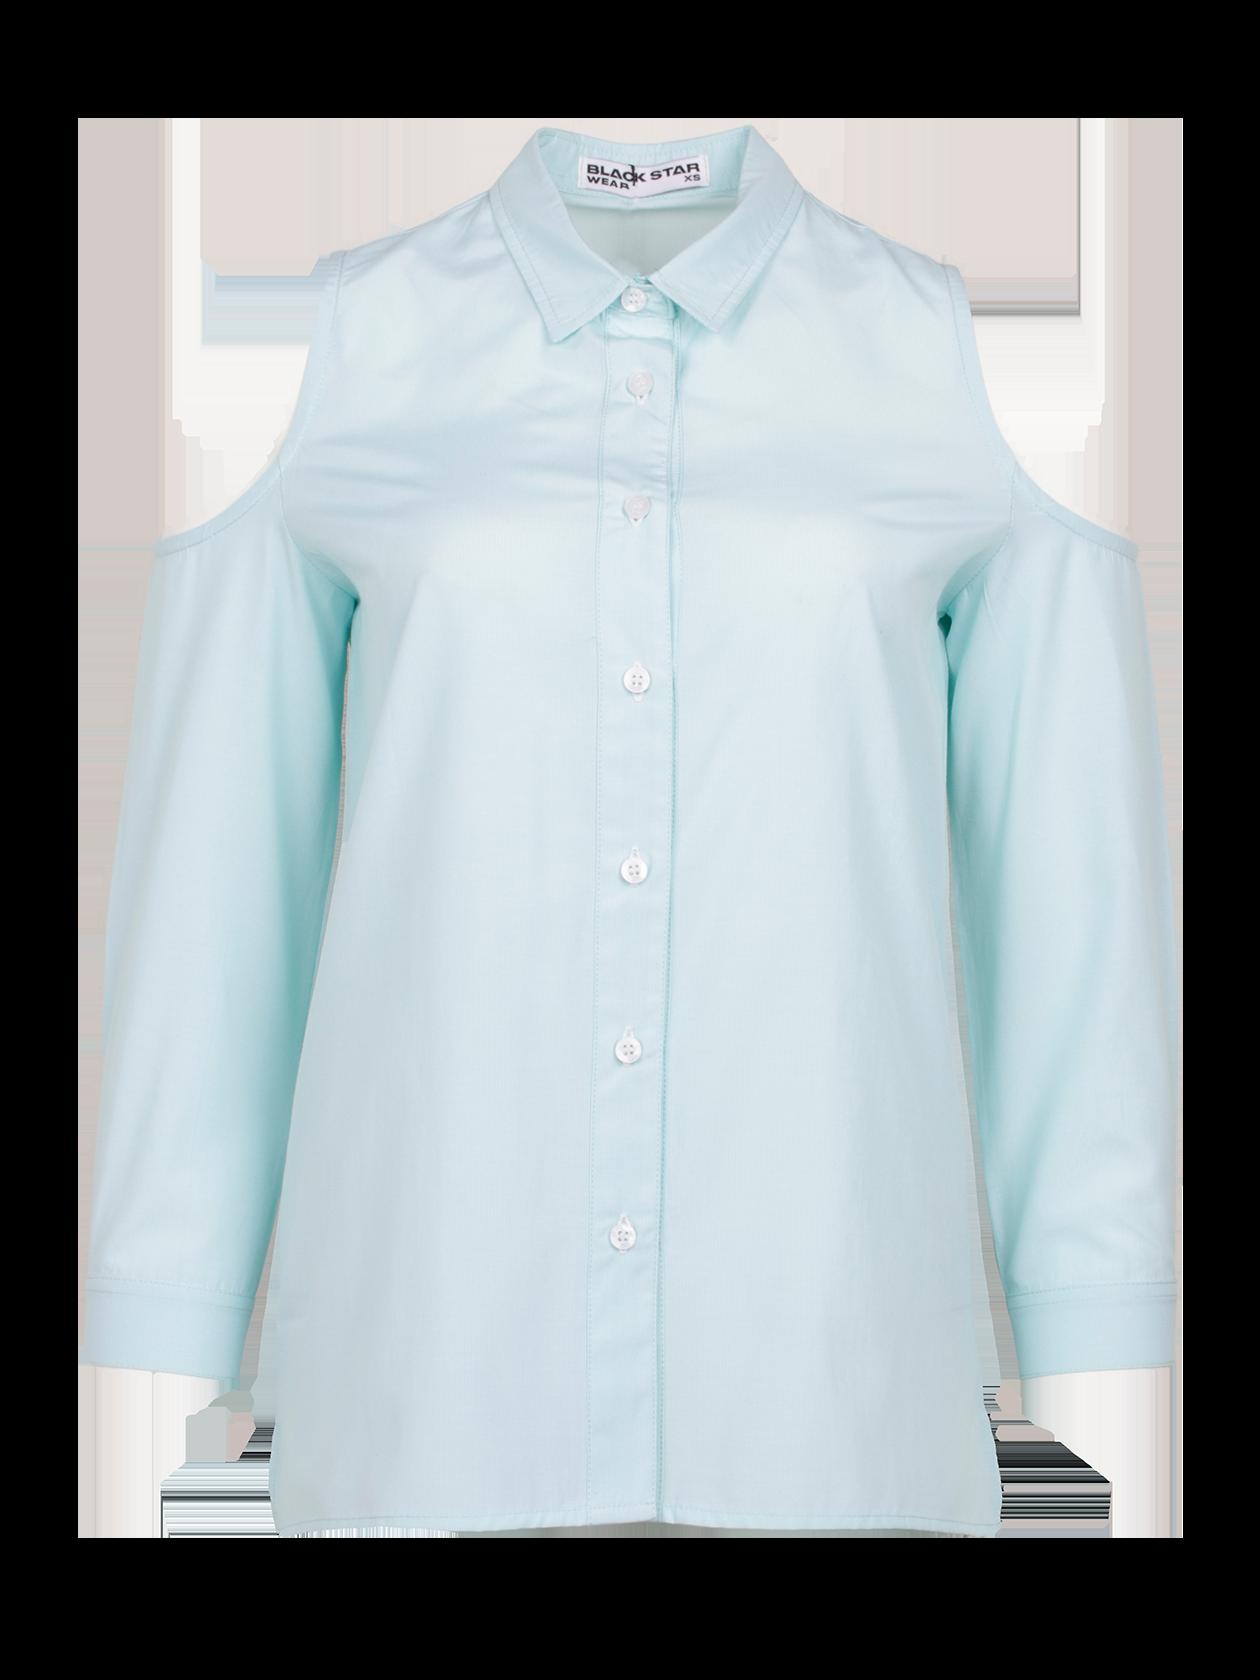 Рубашка женская ROYALTY 13Модная рубашка женская Royalty 13 для создания стильного образа на каждый день. Модель классического дизайна с прямым кроем, рубашечным воротником и планкой с пуговицами. Эффектная фишка изделия – глубокий вырез в верхней части рукавов. Для пошива вещи использовано особое хлопковое полотно, отличающееся практичностью и долговечностью. Рубашка представлена в белой, ментоловой и синий/белой расцветке. Подберите к ней леггинсы, брюки или юбку из коллекции Black Star Wear и станьте настоящей иконой стиля.<br><br>Размер: M<br>Цвет: Ментоловый<br>Пол: Женский